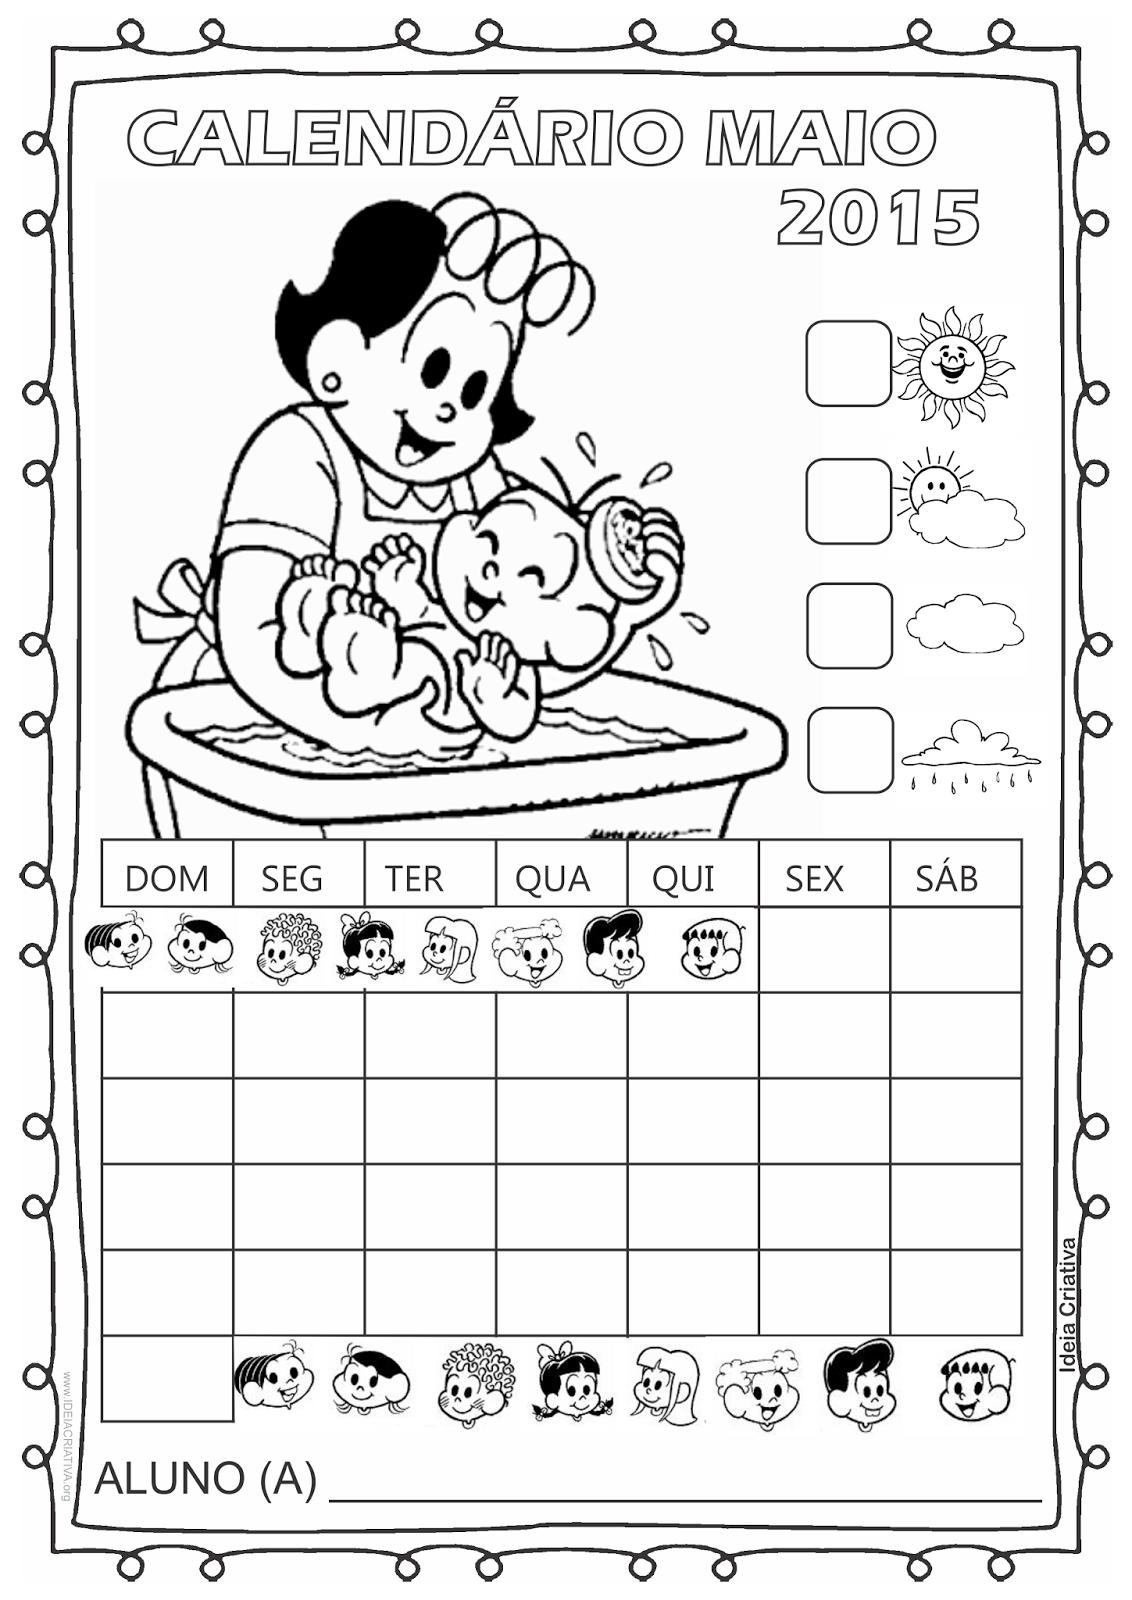 Calendário Turma da Mônica 2015 para Imprimir Grátis Abril dia das mães  sem numeração